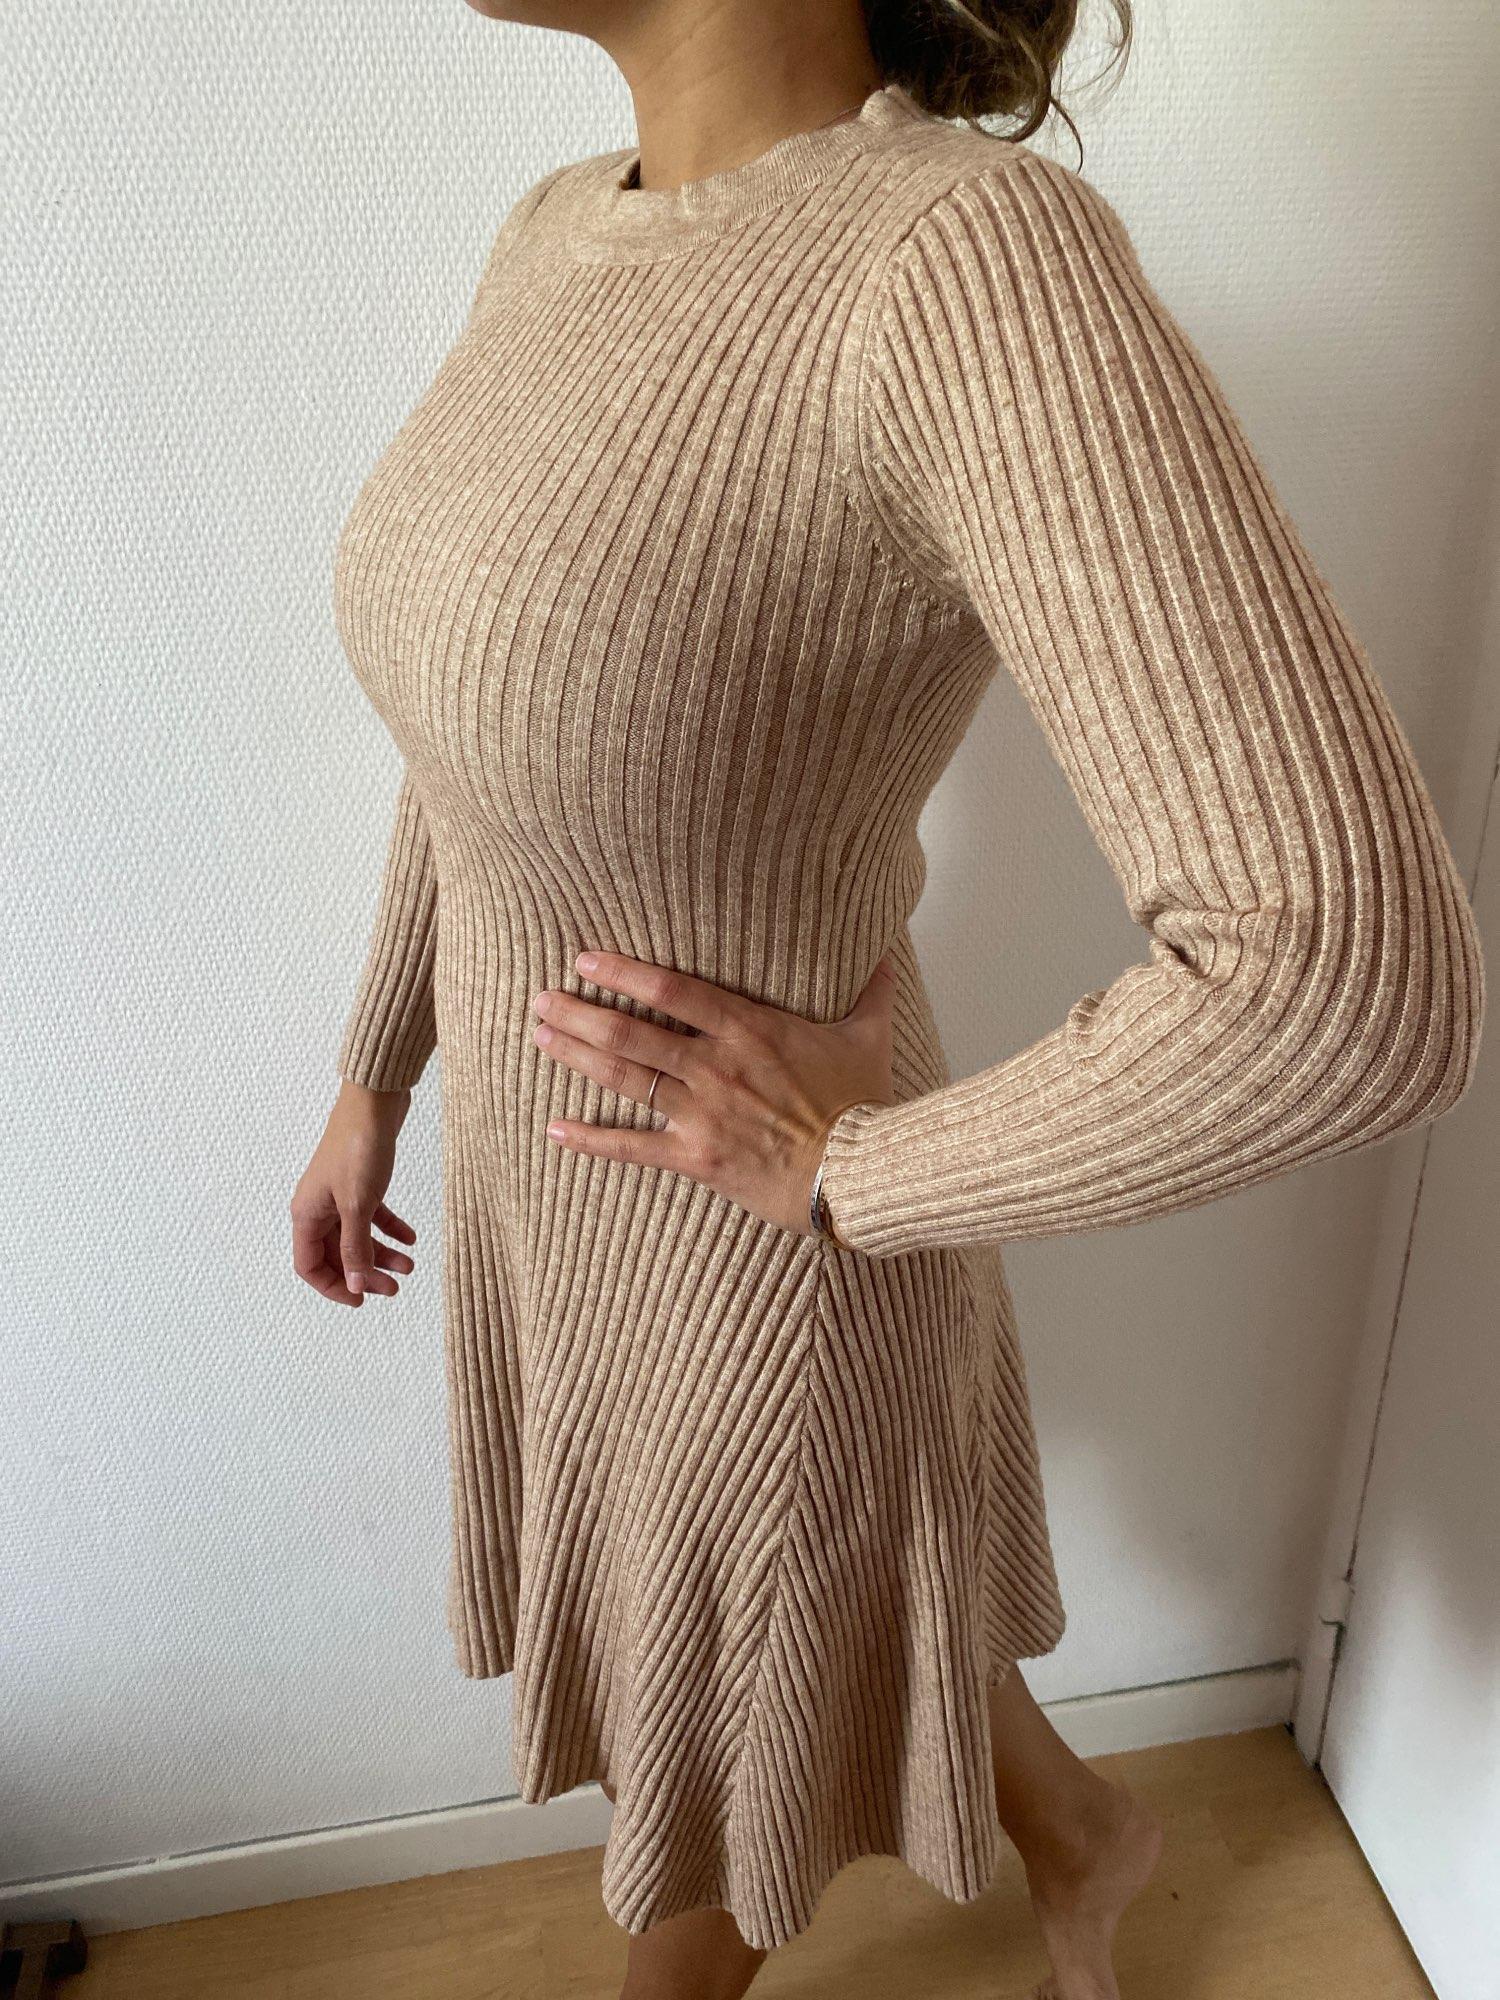 Women Long Sleeve Sweater Dress Women's Irregular Hem Casual Autumn Winter Dress Women O neck A Line Short Mini Knitted Dresses|Dresses|   - AliExpress